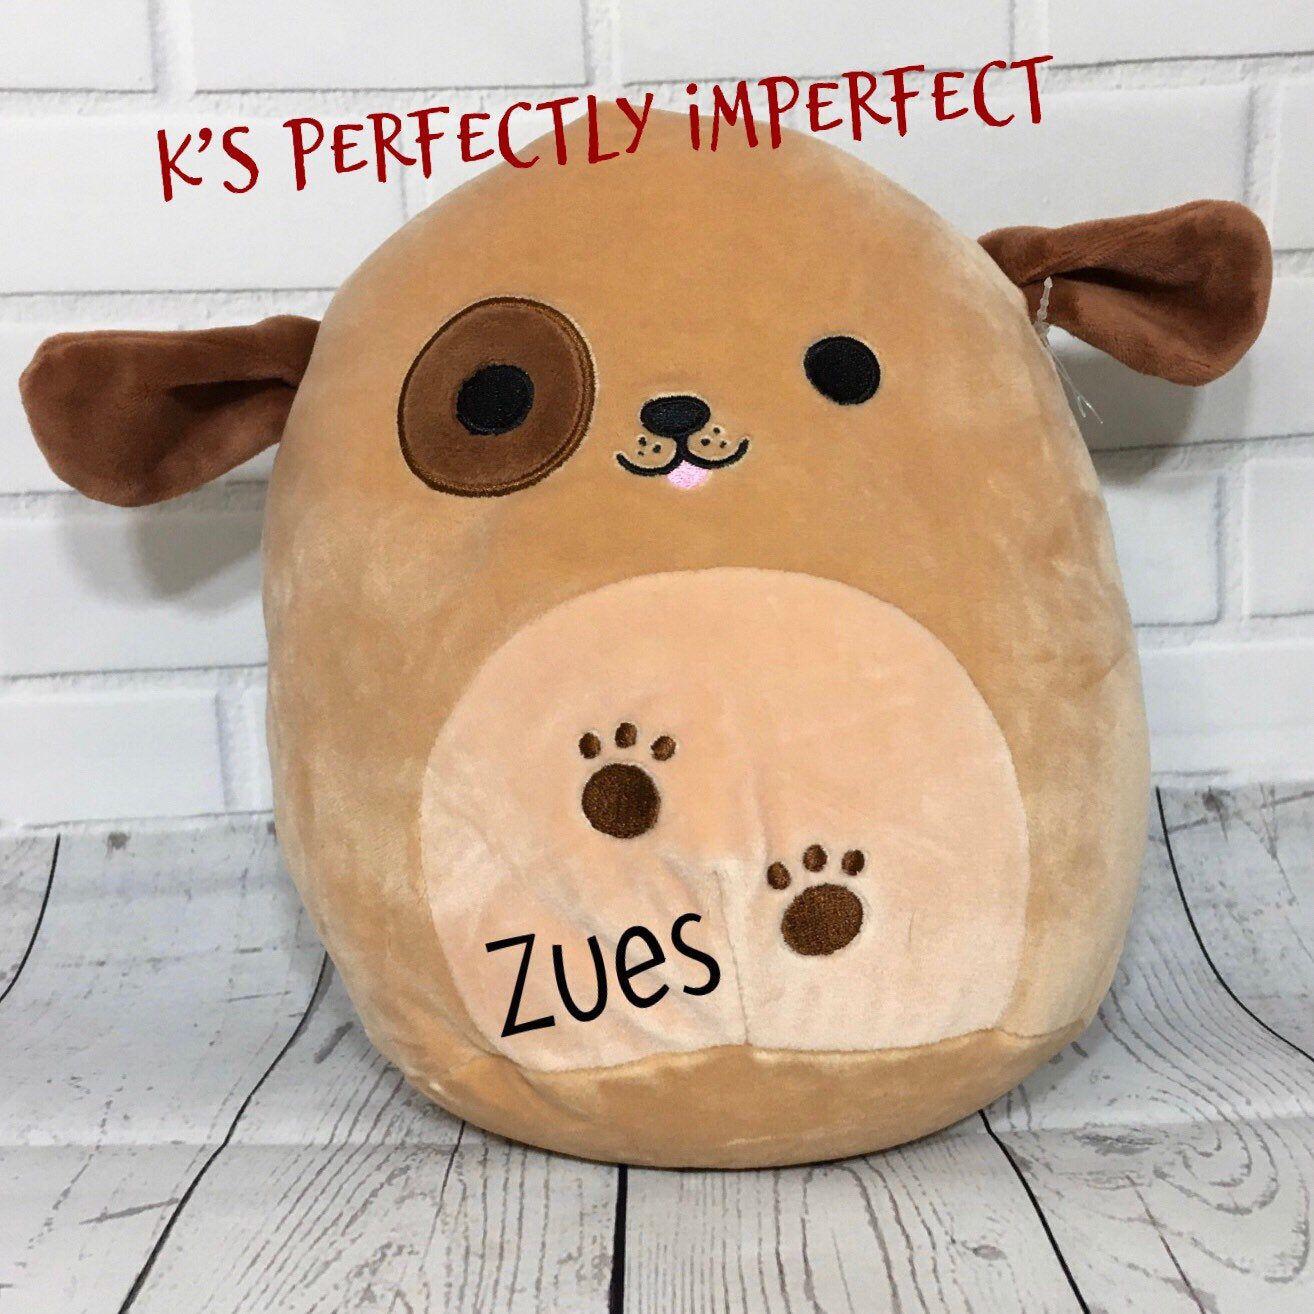 Puppy Plush Personalized Stuffed Animal Squishmallow Etsy Personalized Stuffed Animals Custom Stuffed Animal Cute Stuffed Animals